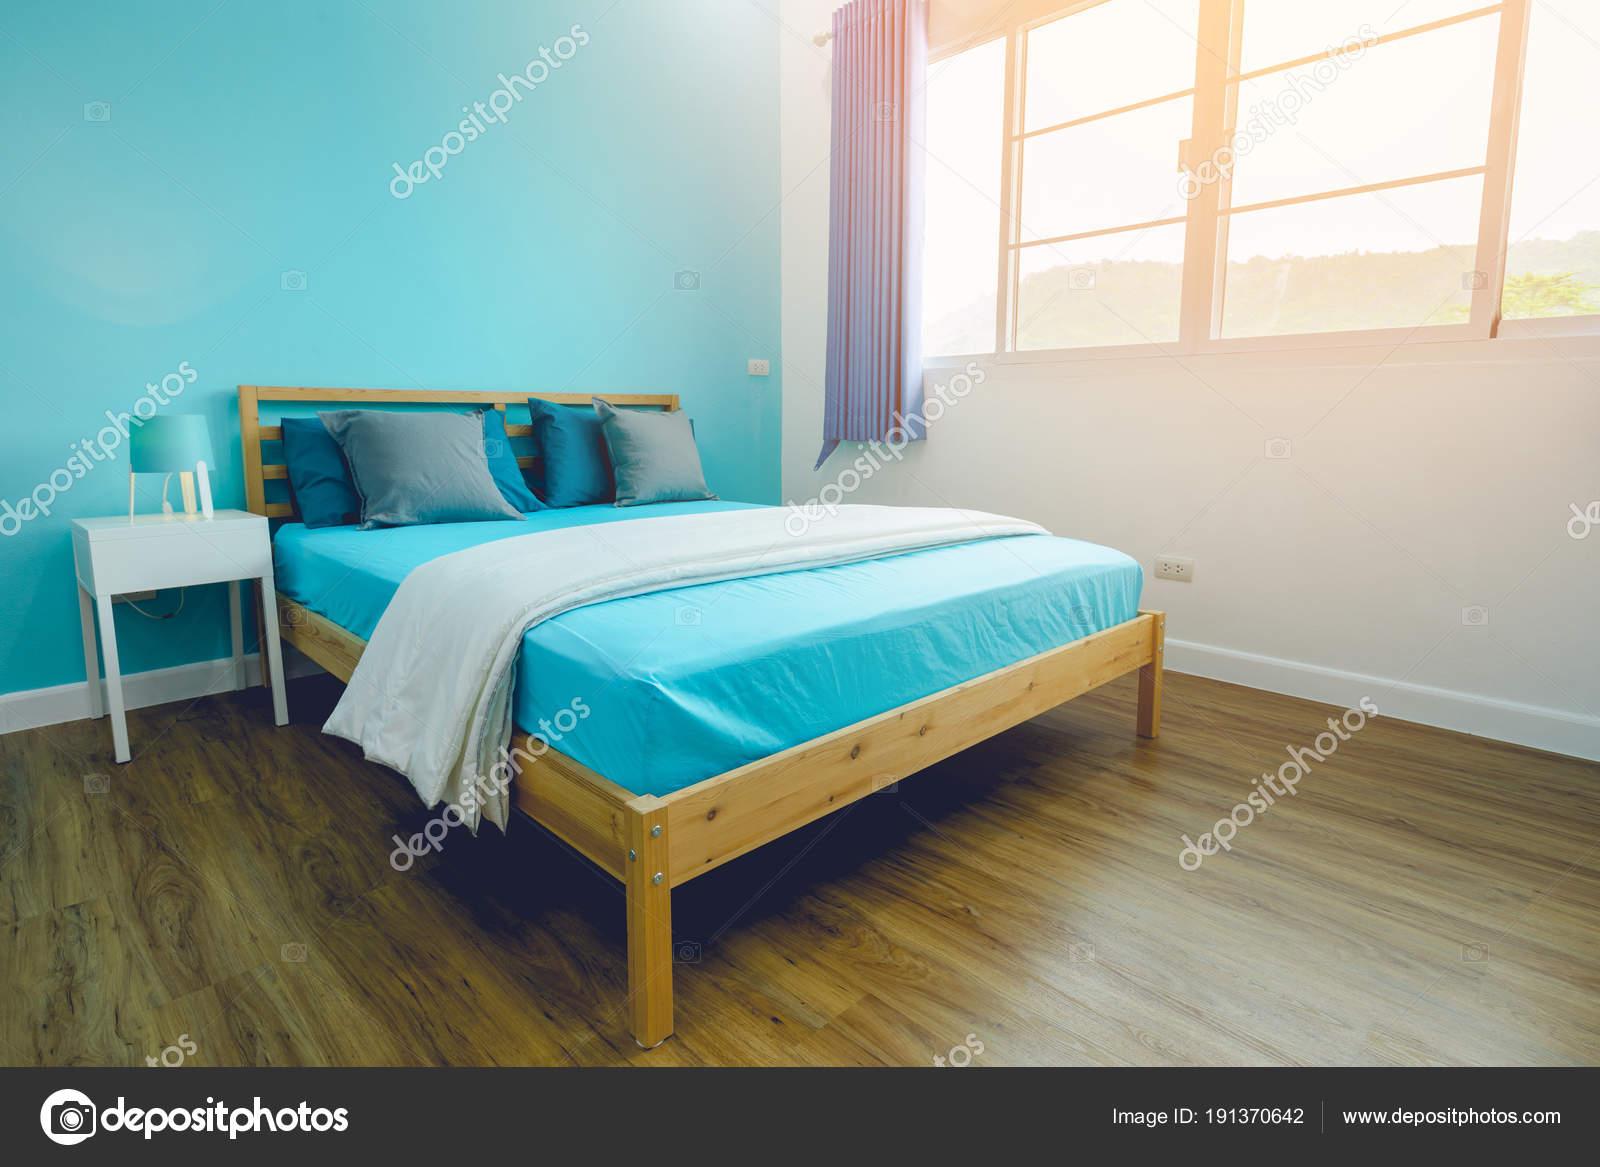 Ragazzo blu brillante camera da letto con accessori bianchi ...